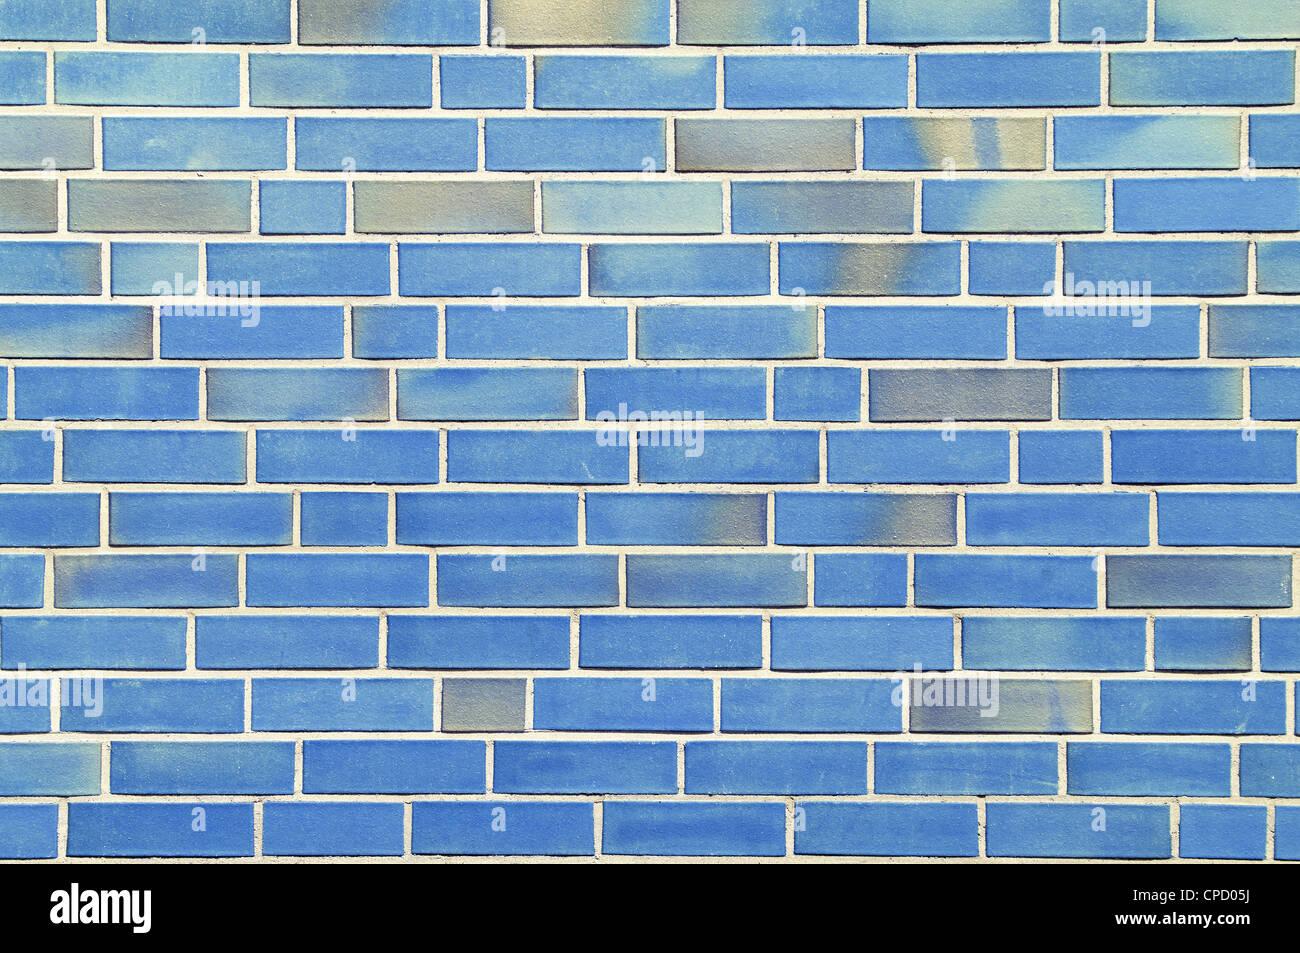 Wand mit blauen Steinen. Stockbild